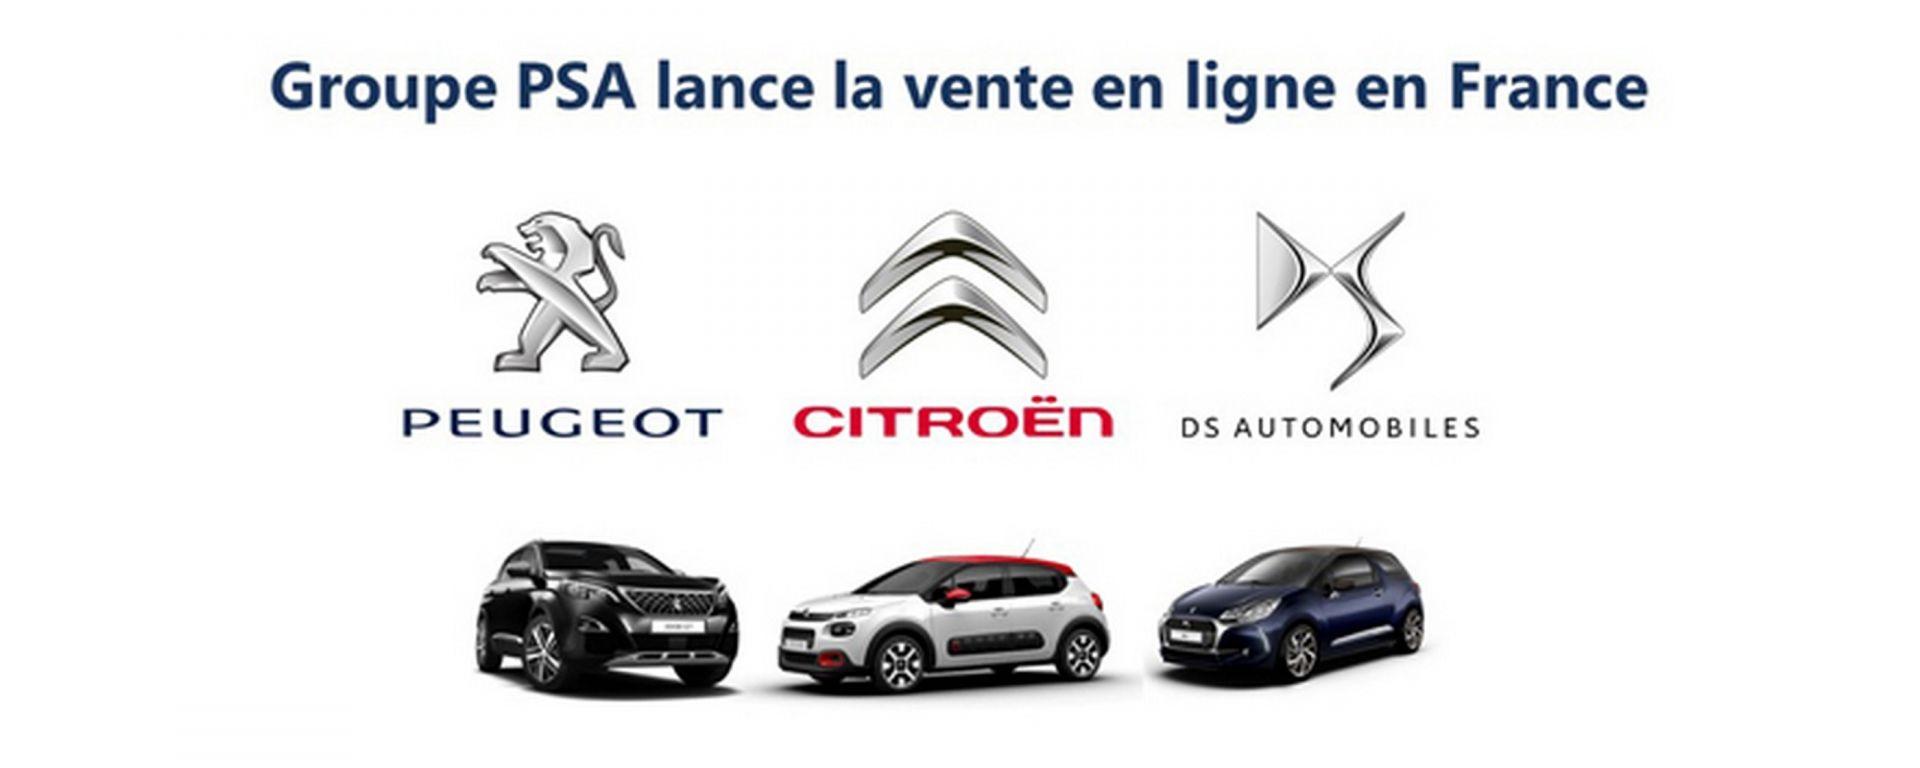 E-commerce: anche l'auto ormai si compra da casa